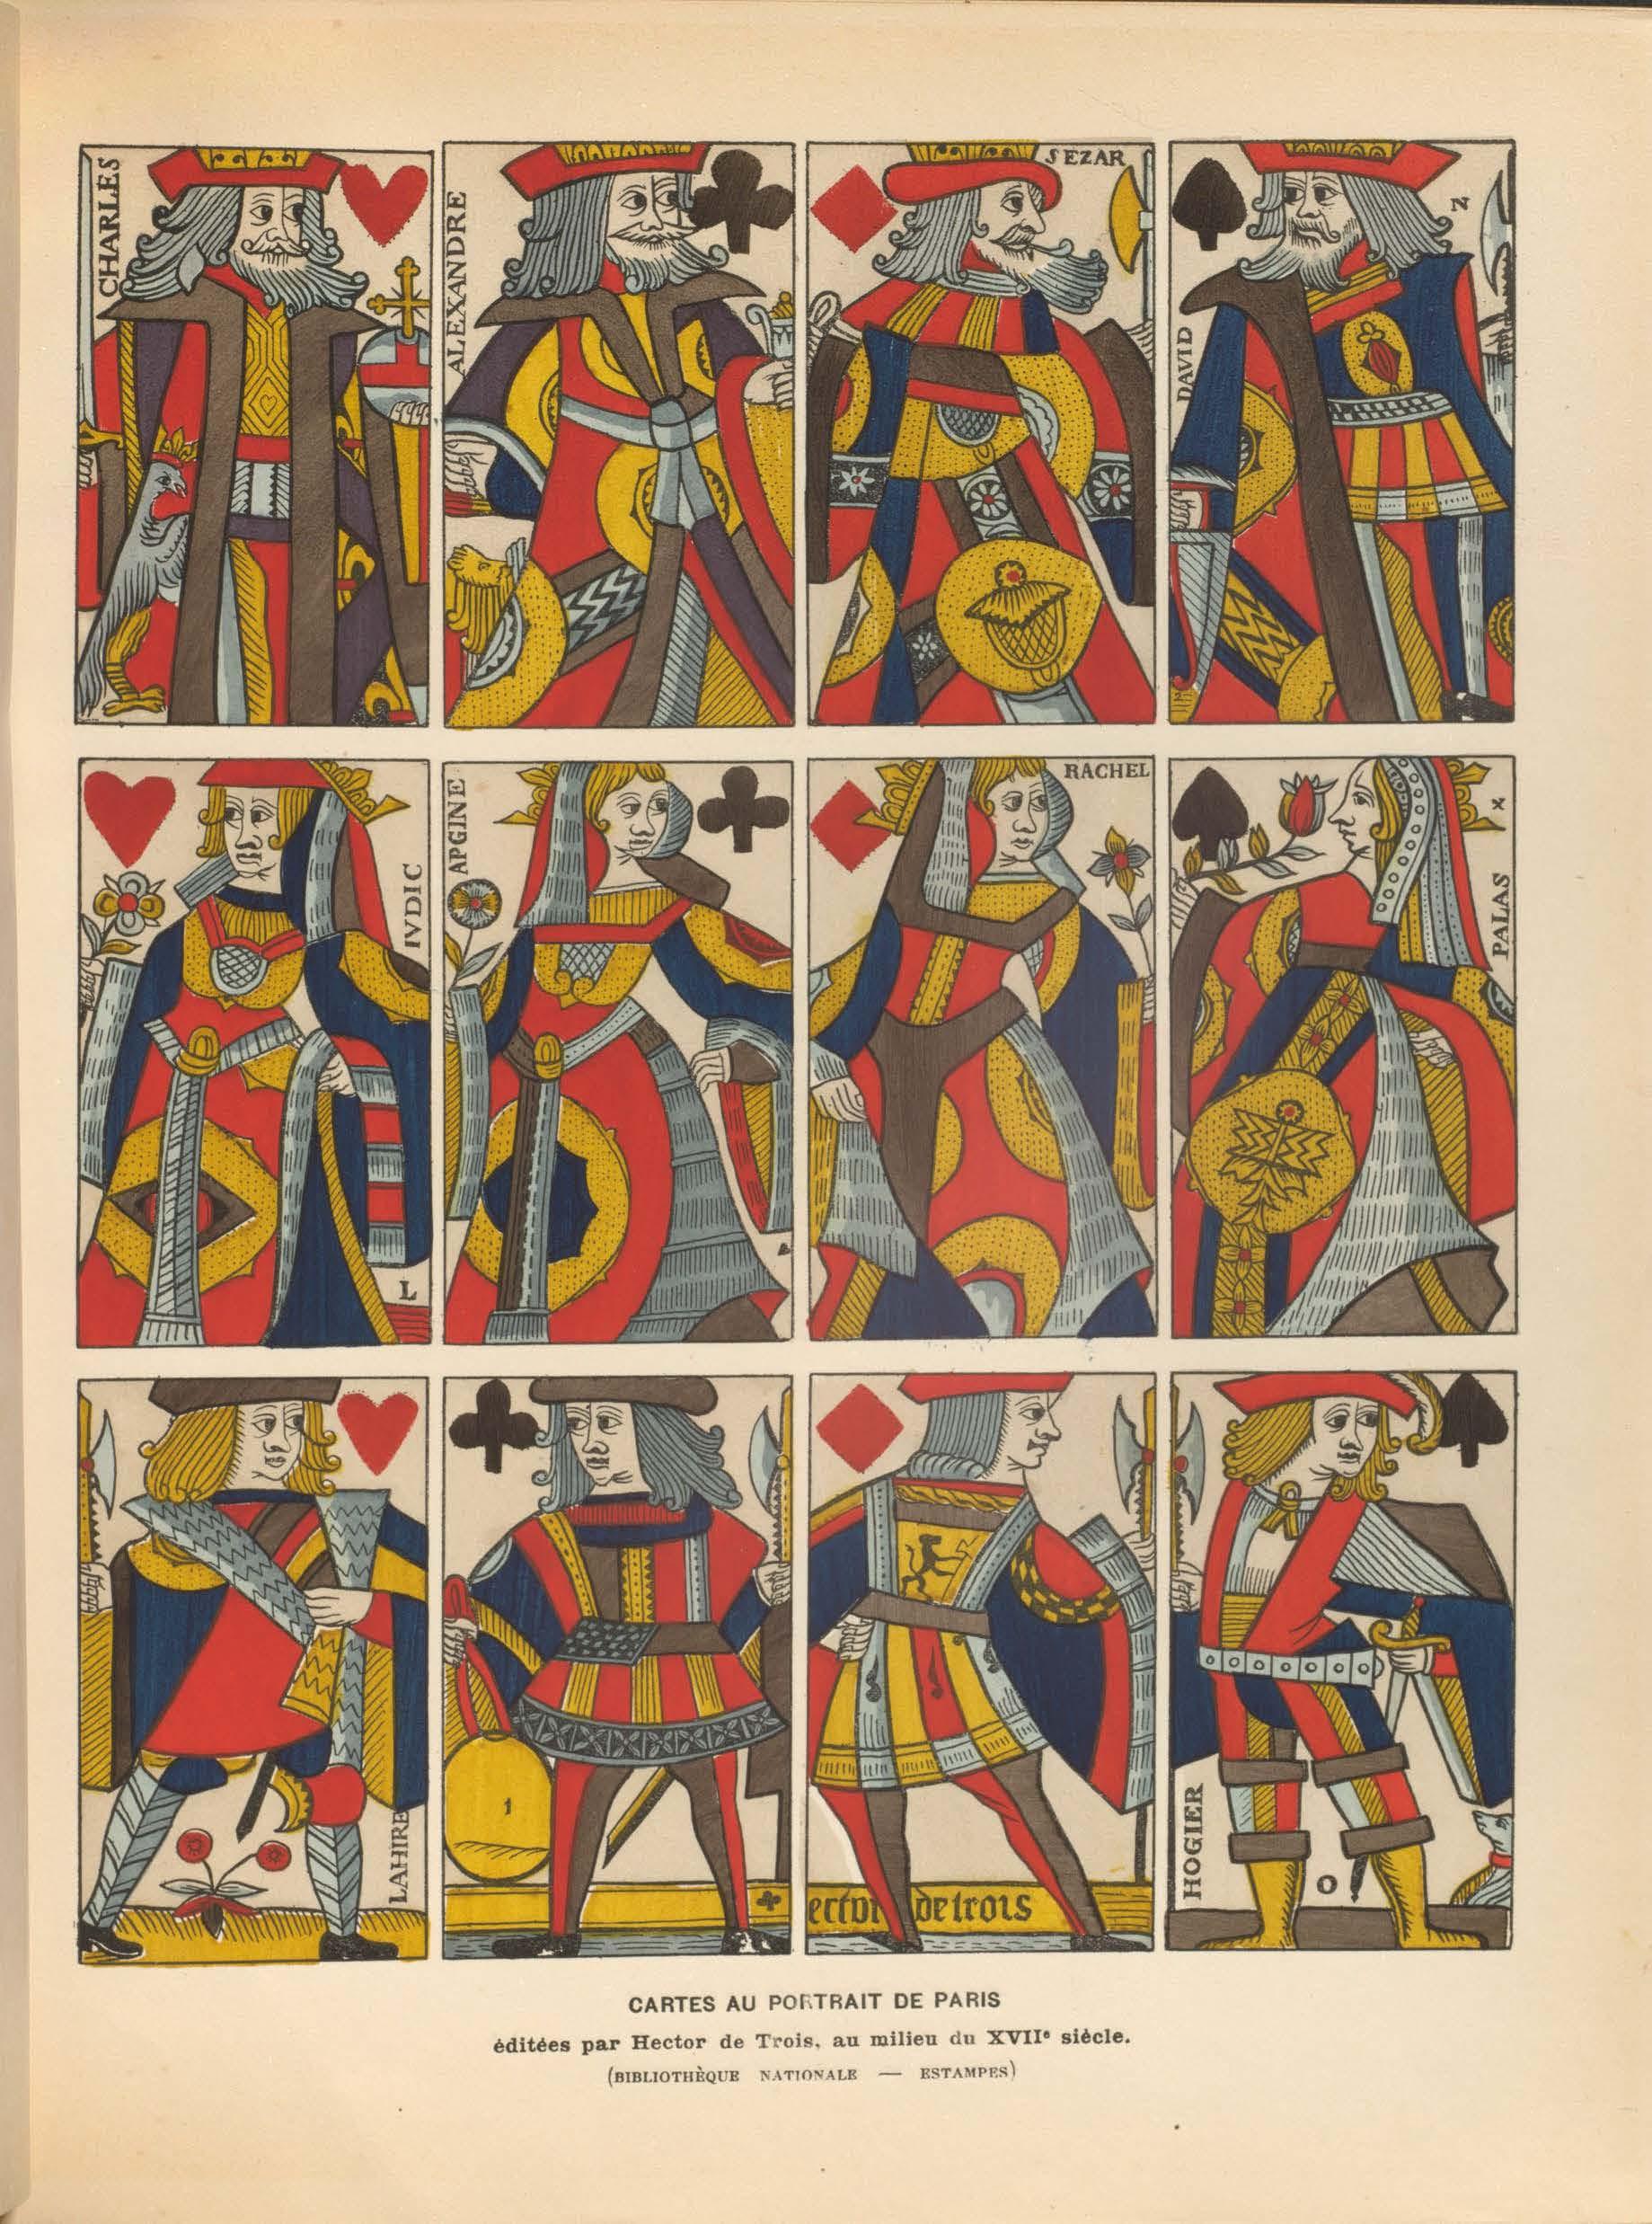 Allemagne, H. R. (1906). Les cartes à jouer du XIV au XX siècle.  Volume 1, page 195.